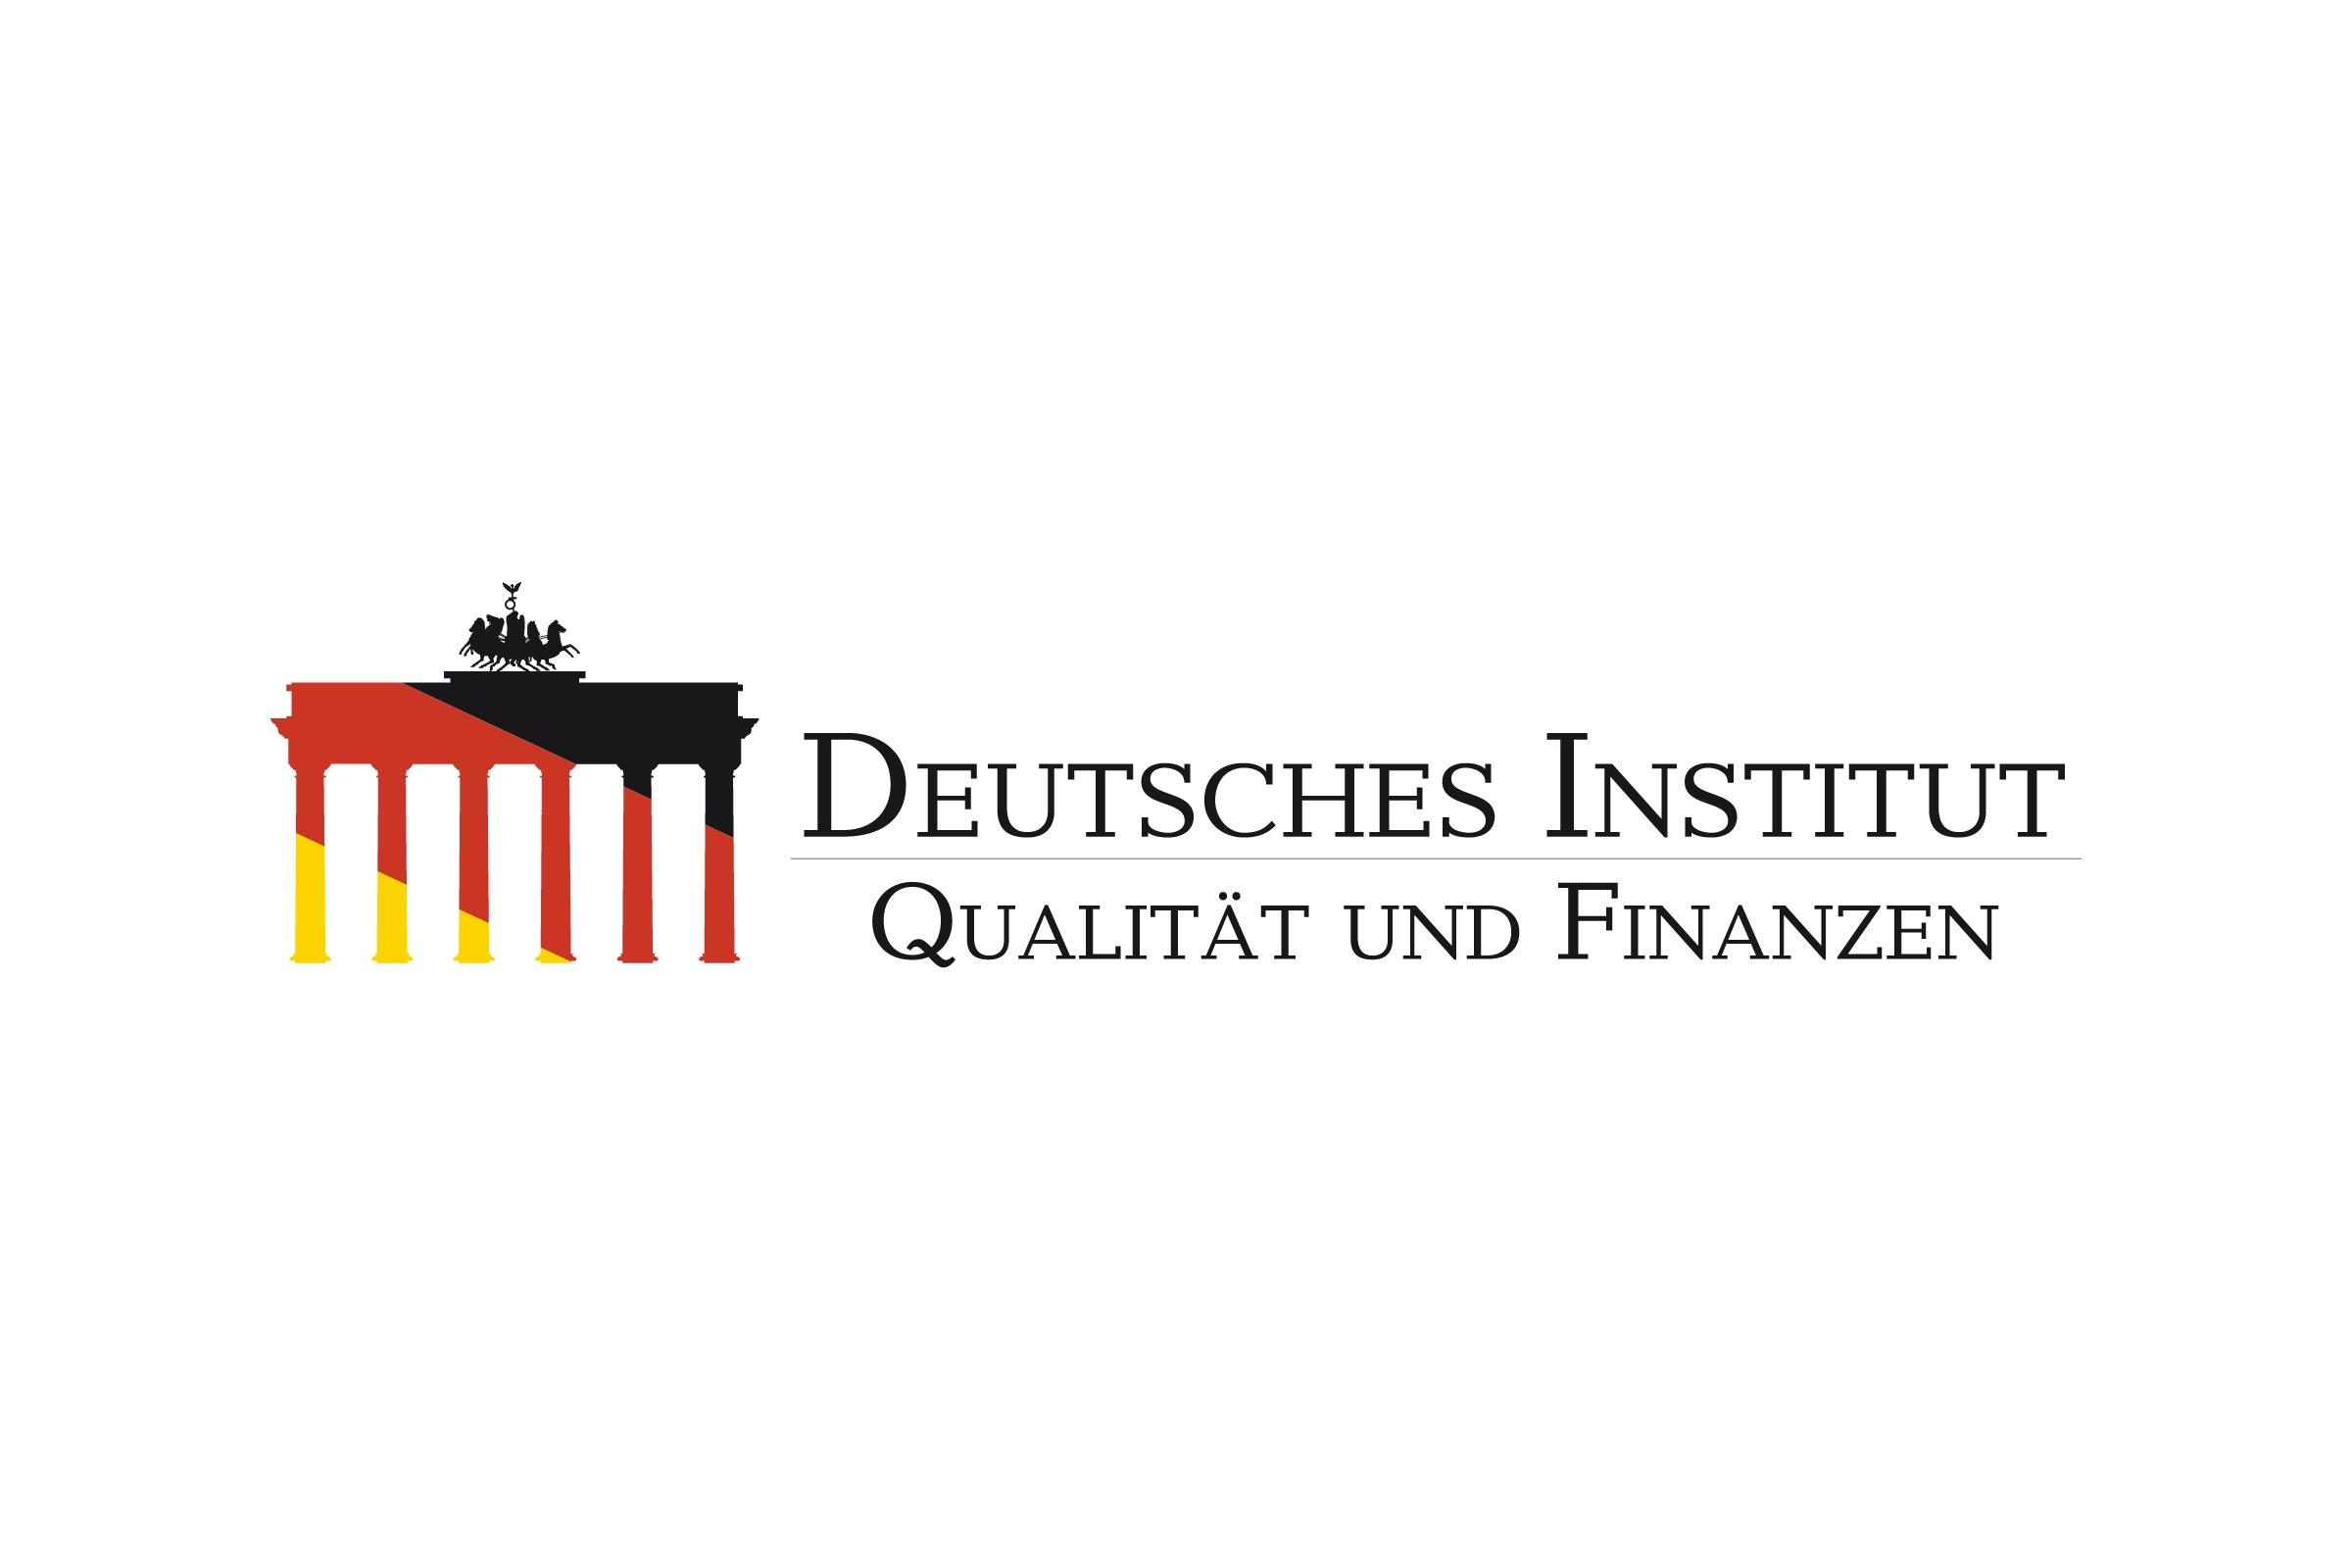 Istituto Tedesco Qualità e Finanza HiRes